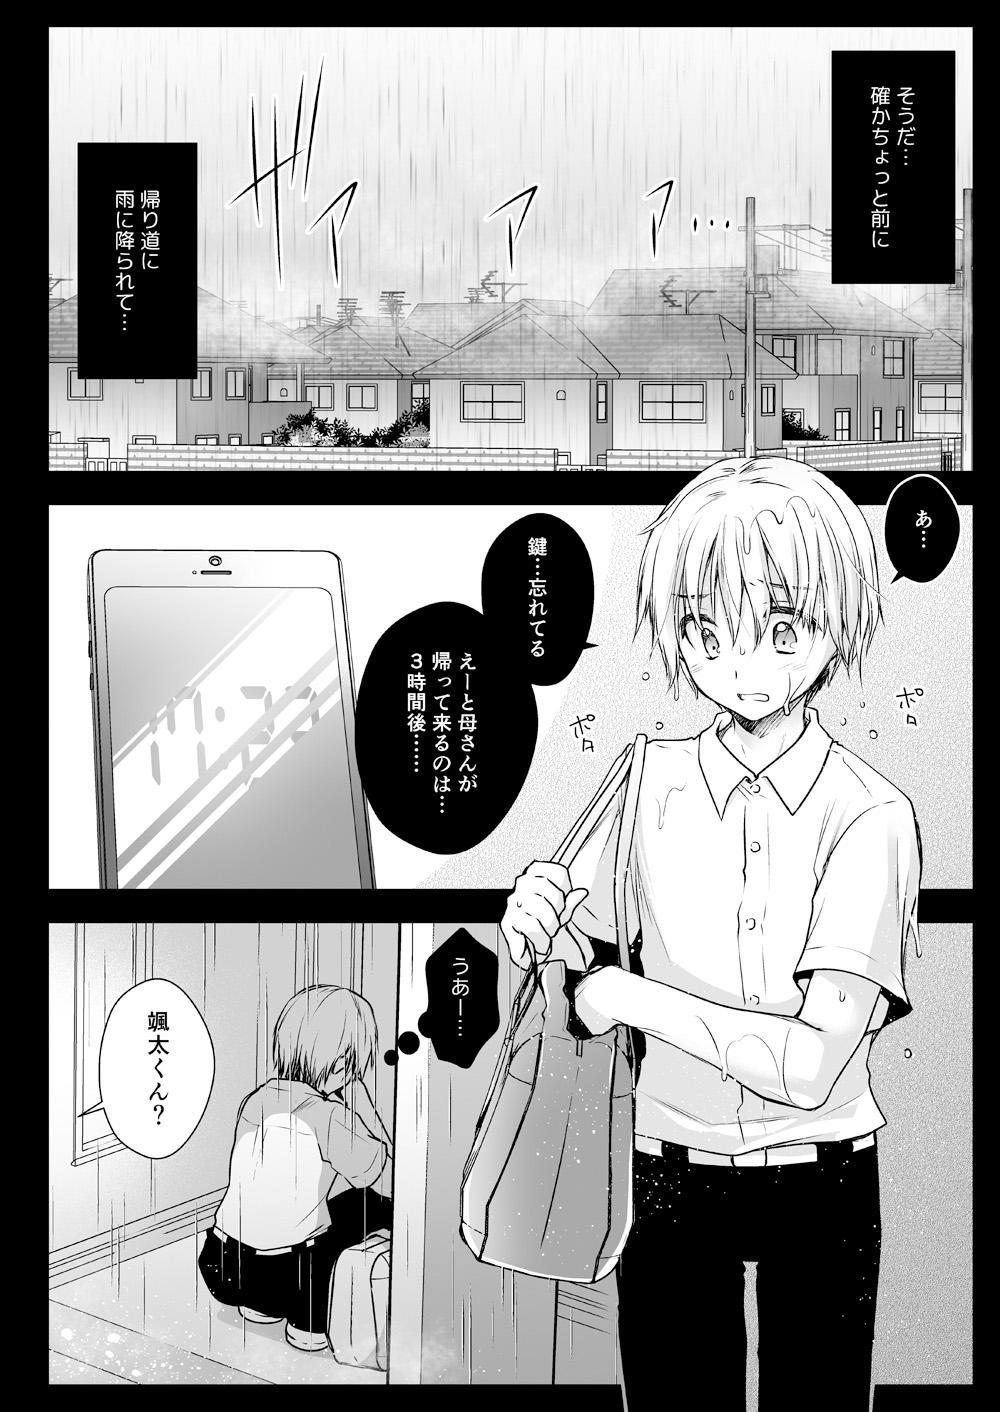 Rinka no Onee-san ni Yuuwaku Saremashita 2